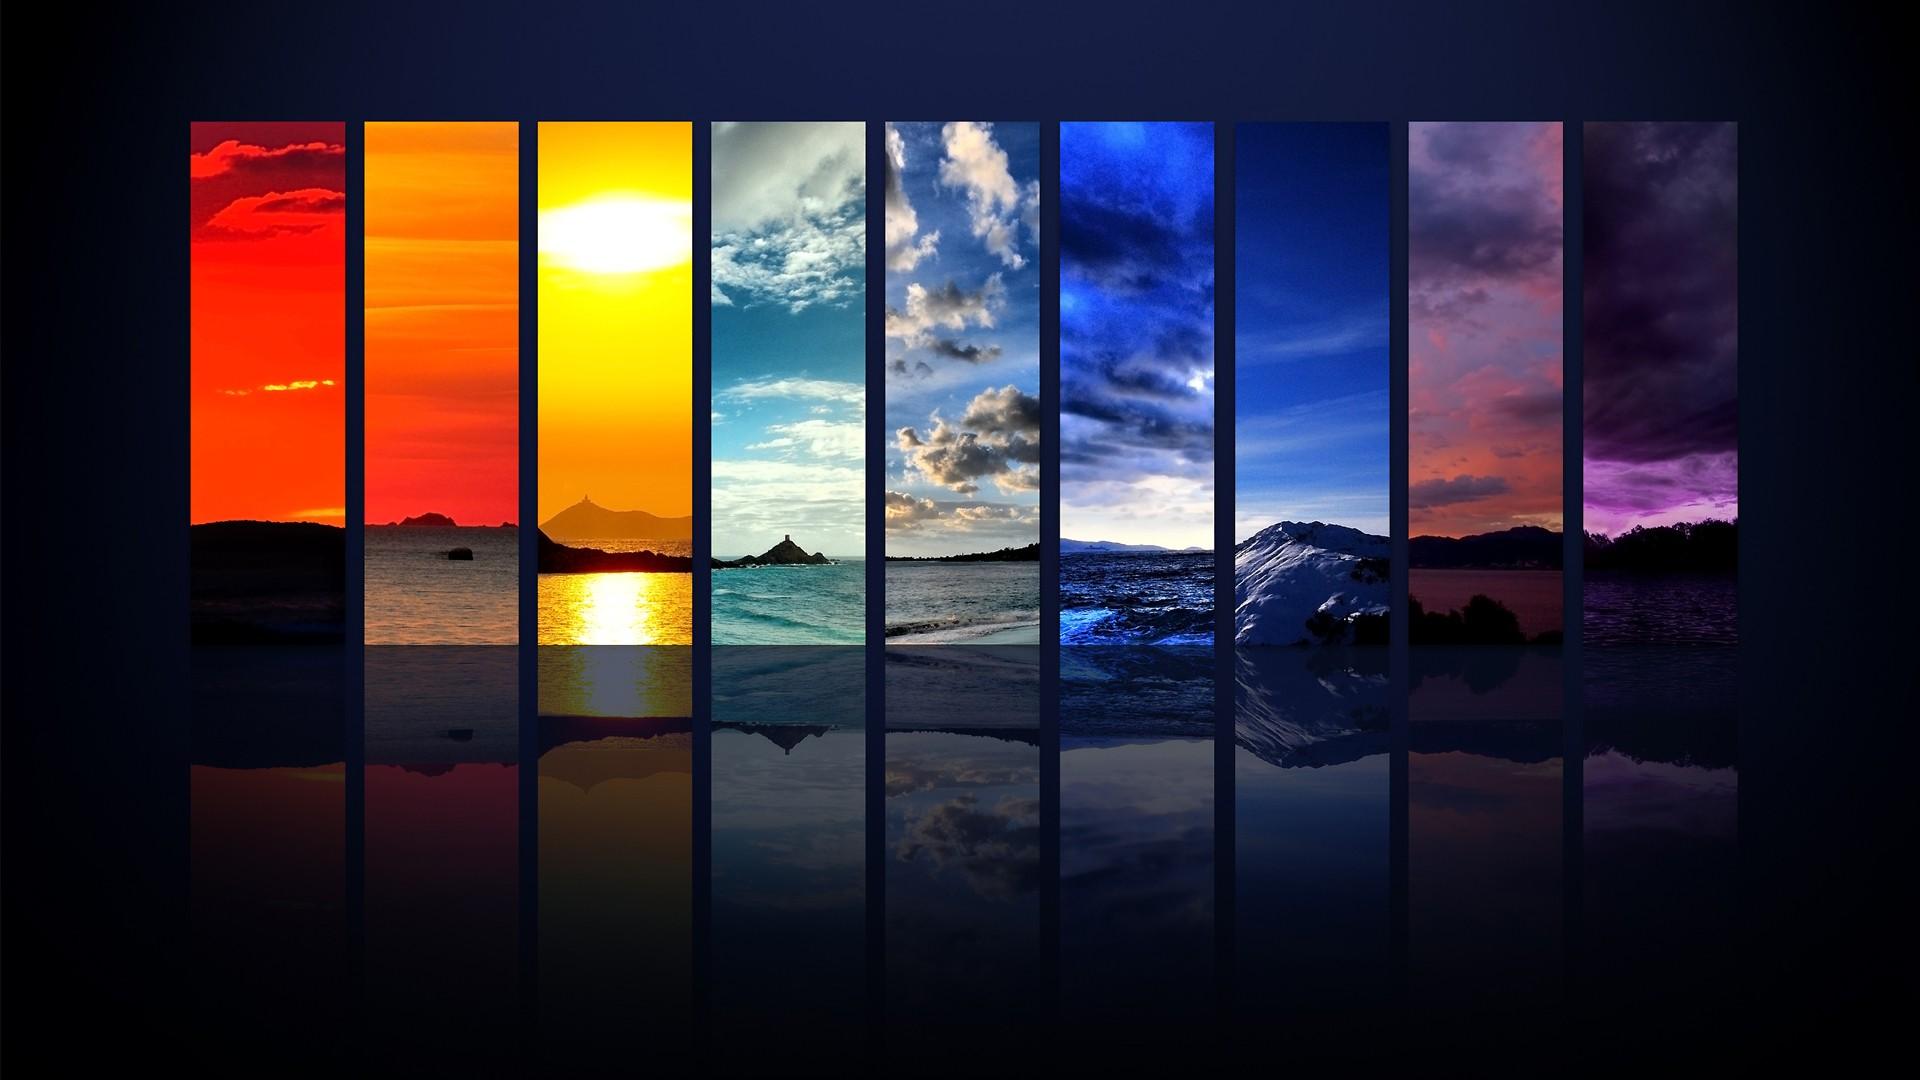 デスクトップ壁紙 窓 夜 反射 対称 ガラス 時間 雰囲気